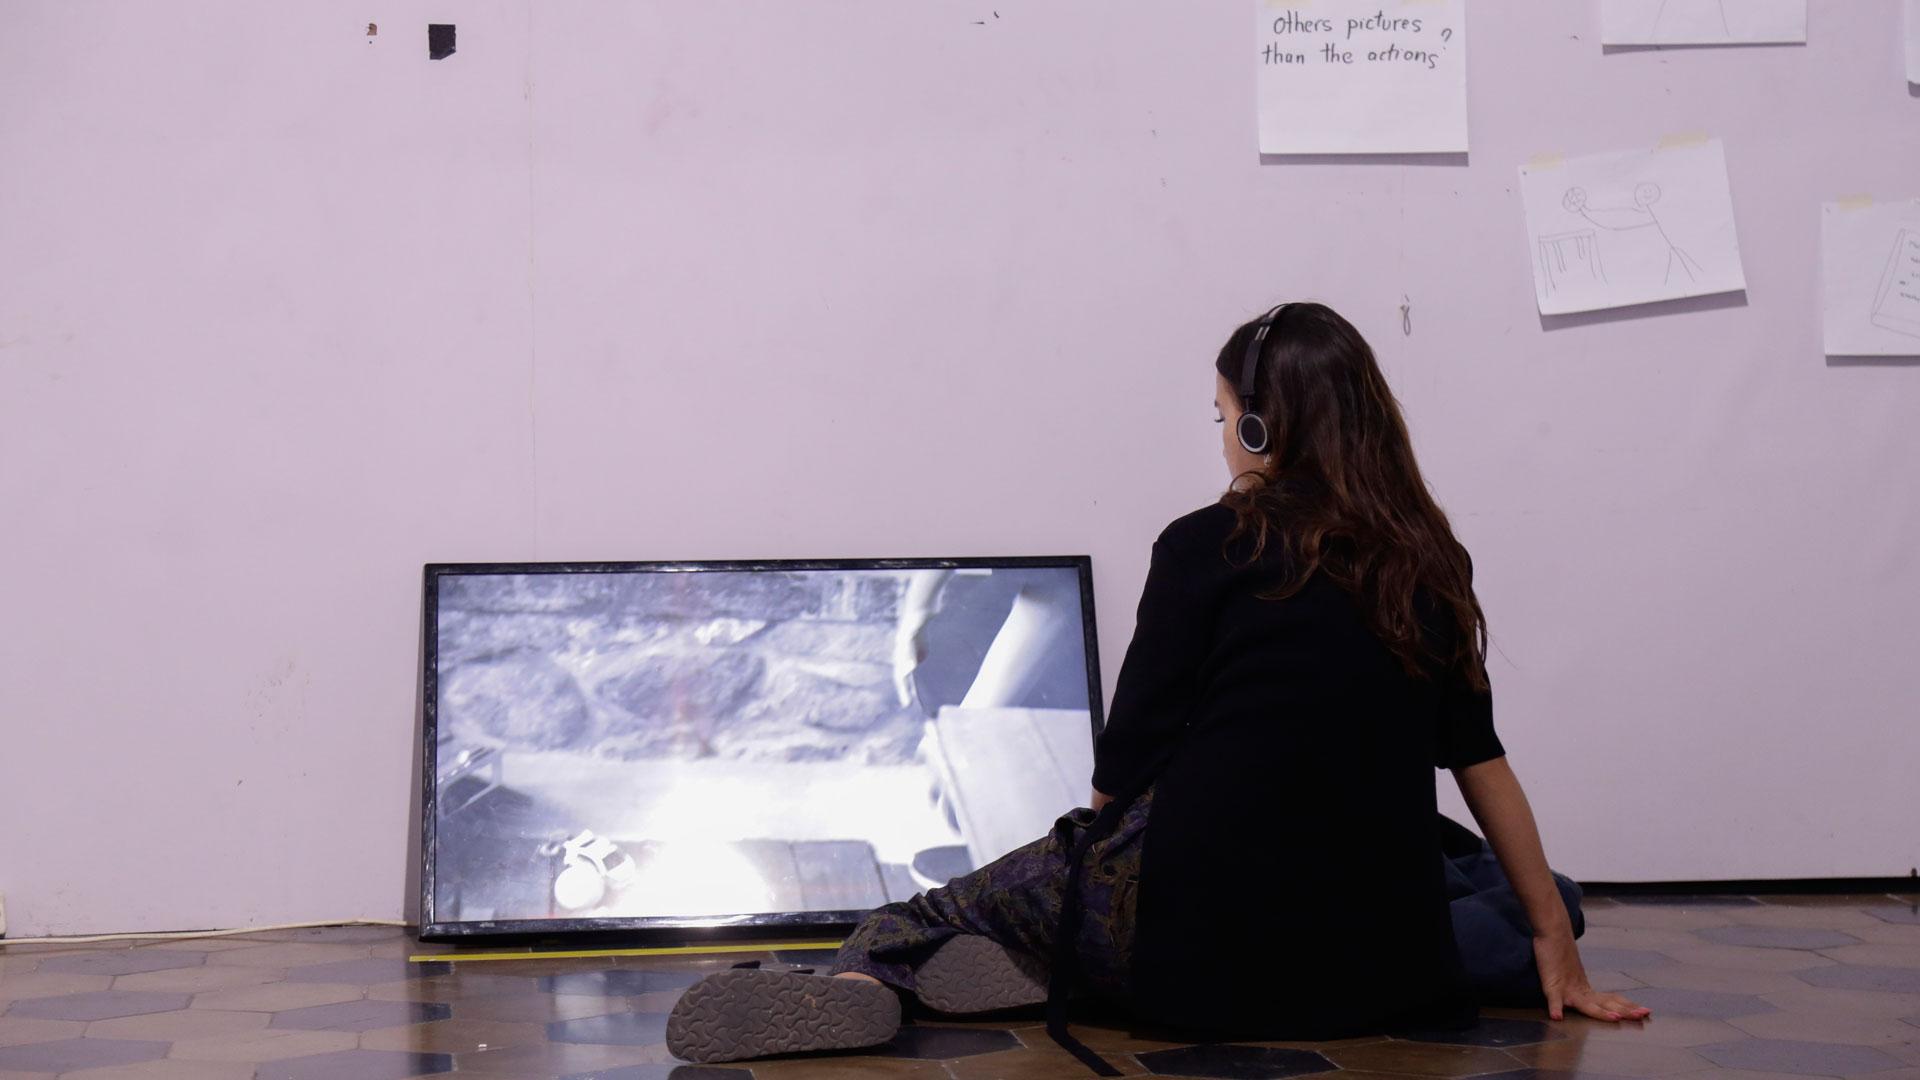 Pengunjung Festival Film Dokumenter menonton film program SCHOOLDOC